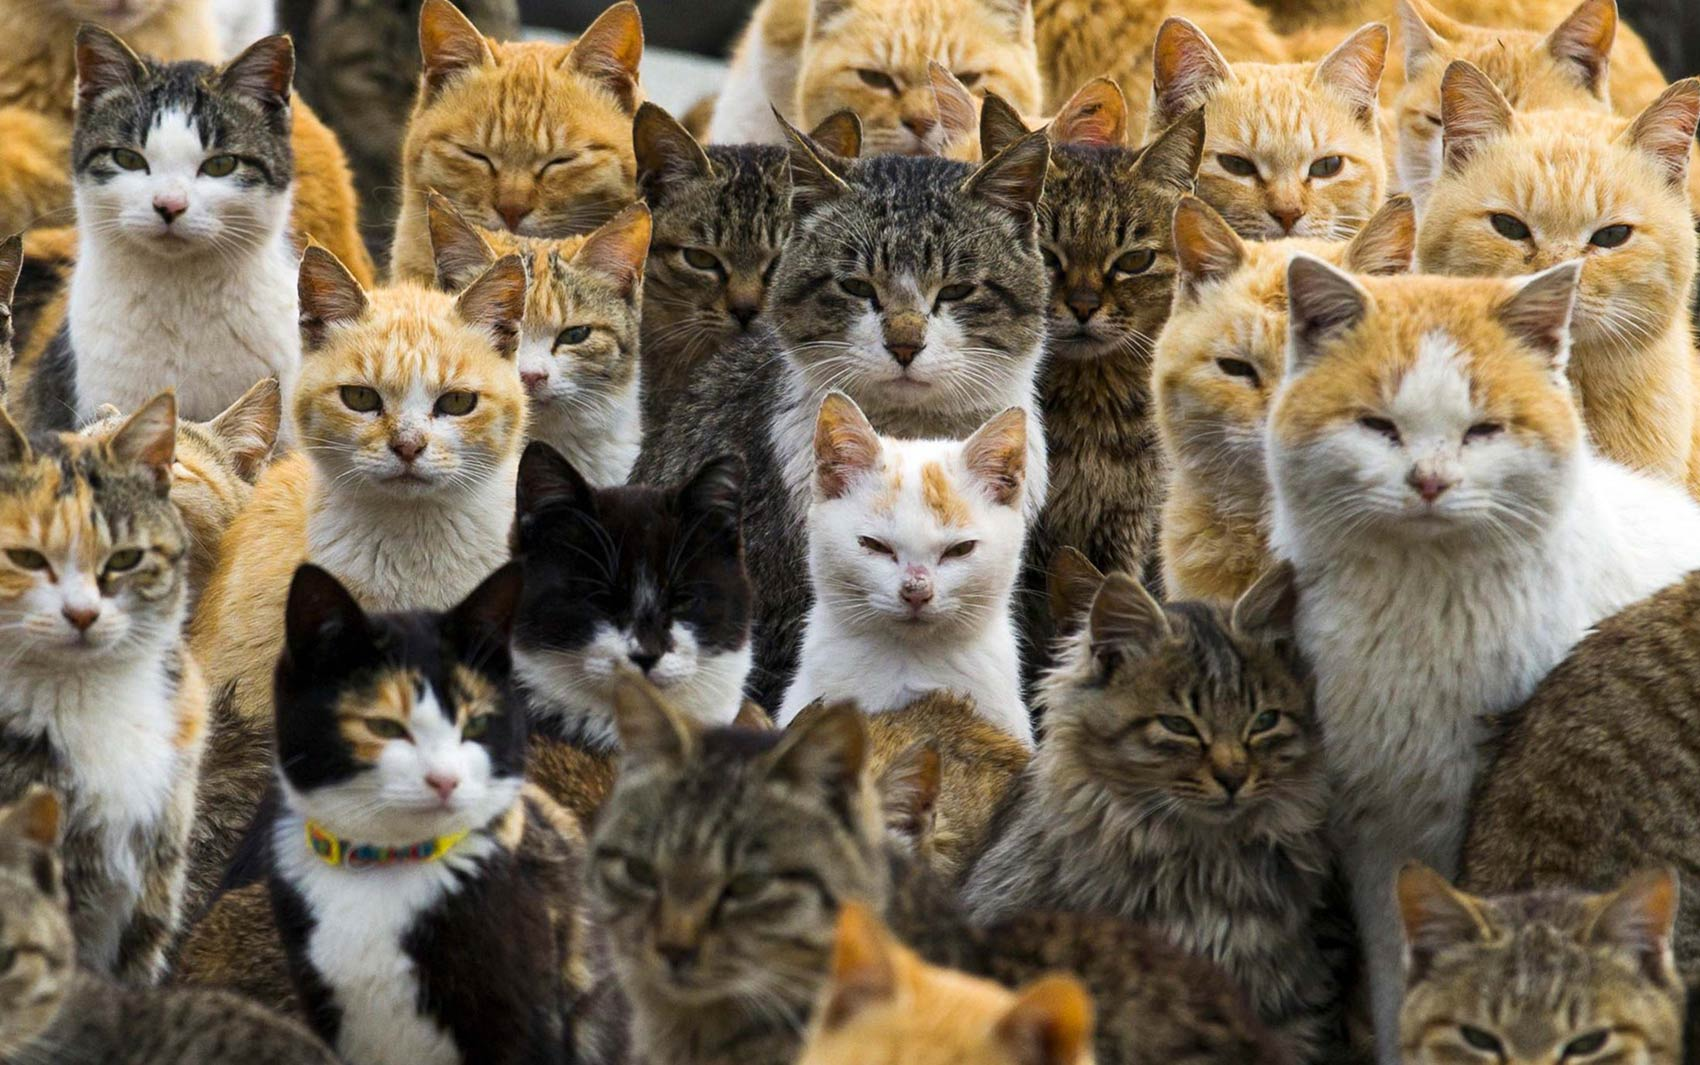 03/03 - A remota ilha de Aoshima, na província de Ehime, no sul do Japão, é dominada por gatos, tendo uma população de felinos seis vezes maior do que a de humanos